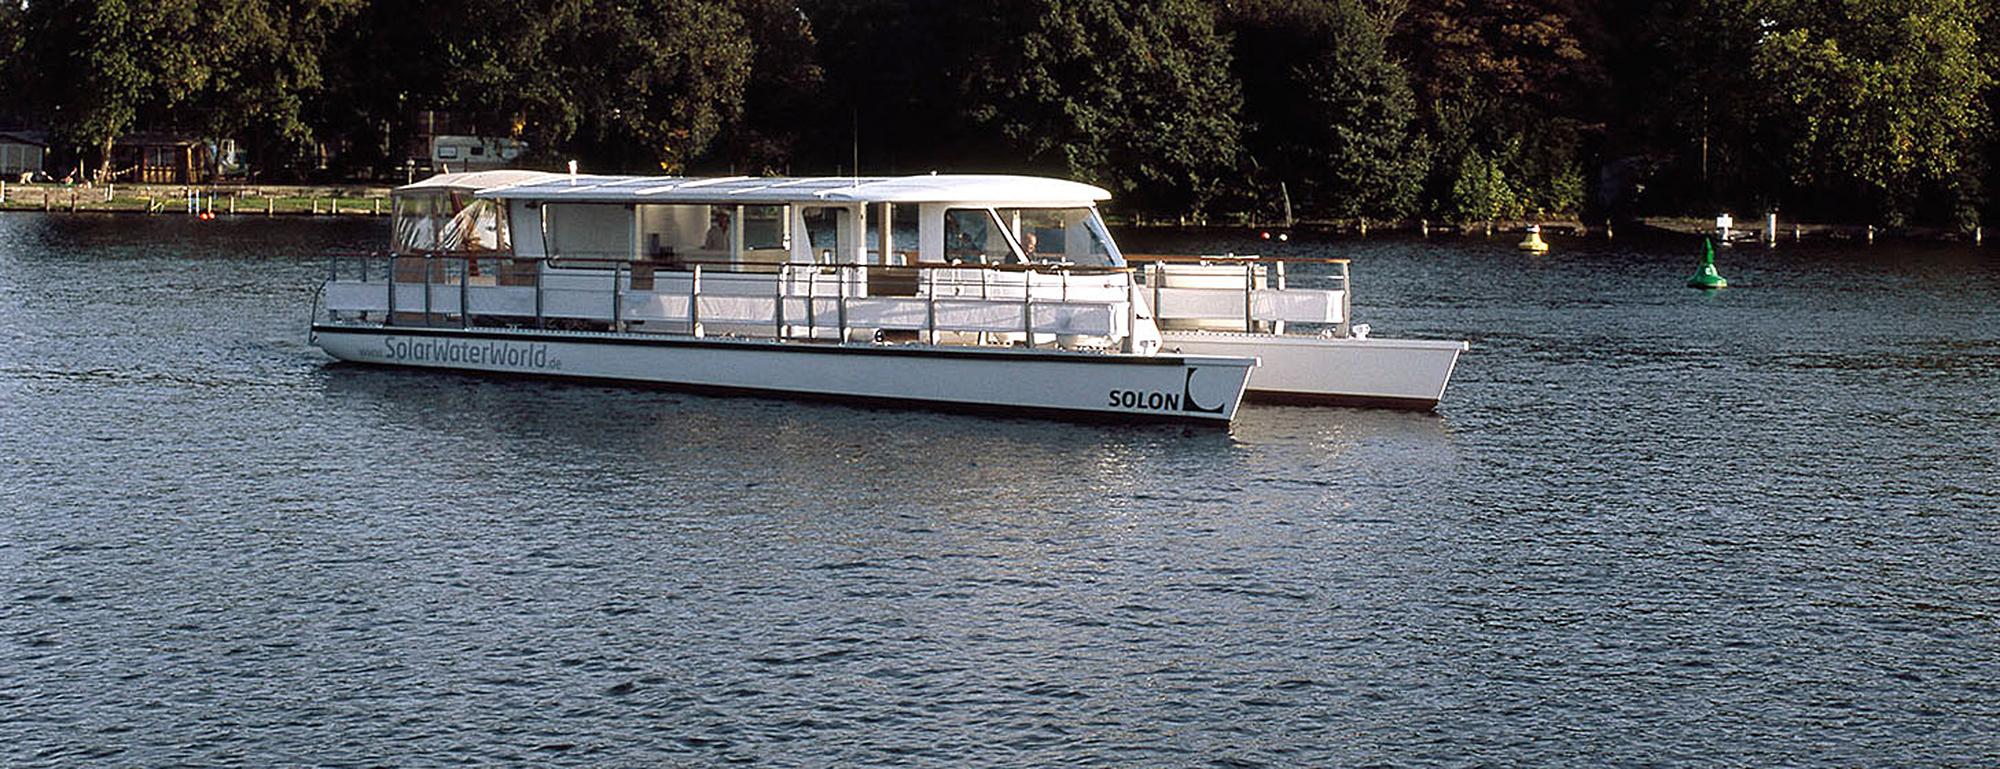 SunCat 58 leicht auf dem Wasser